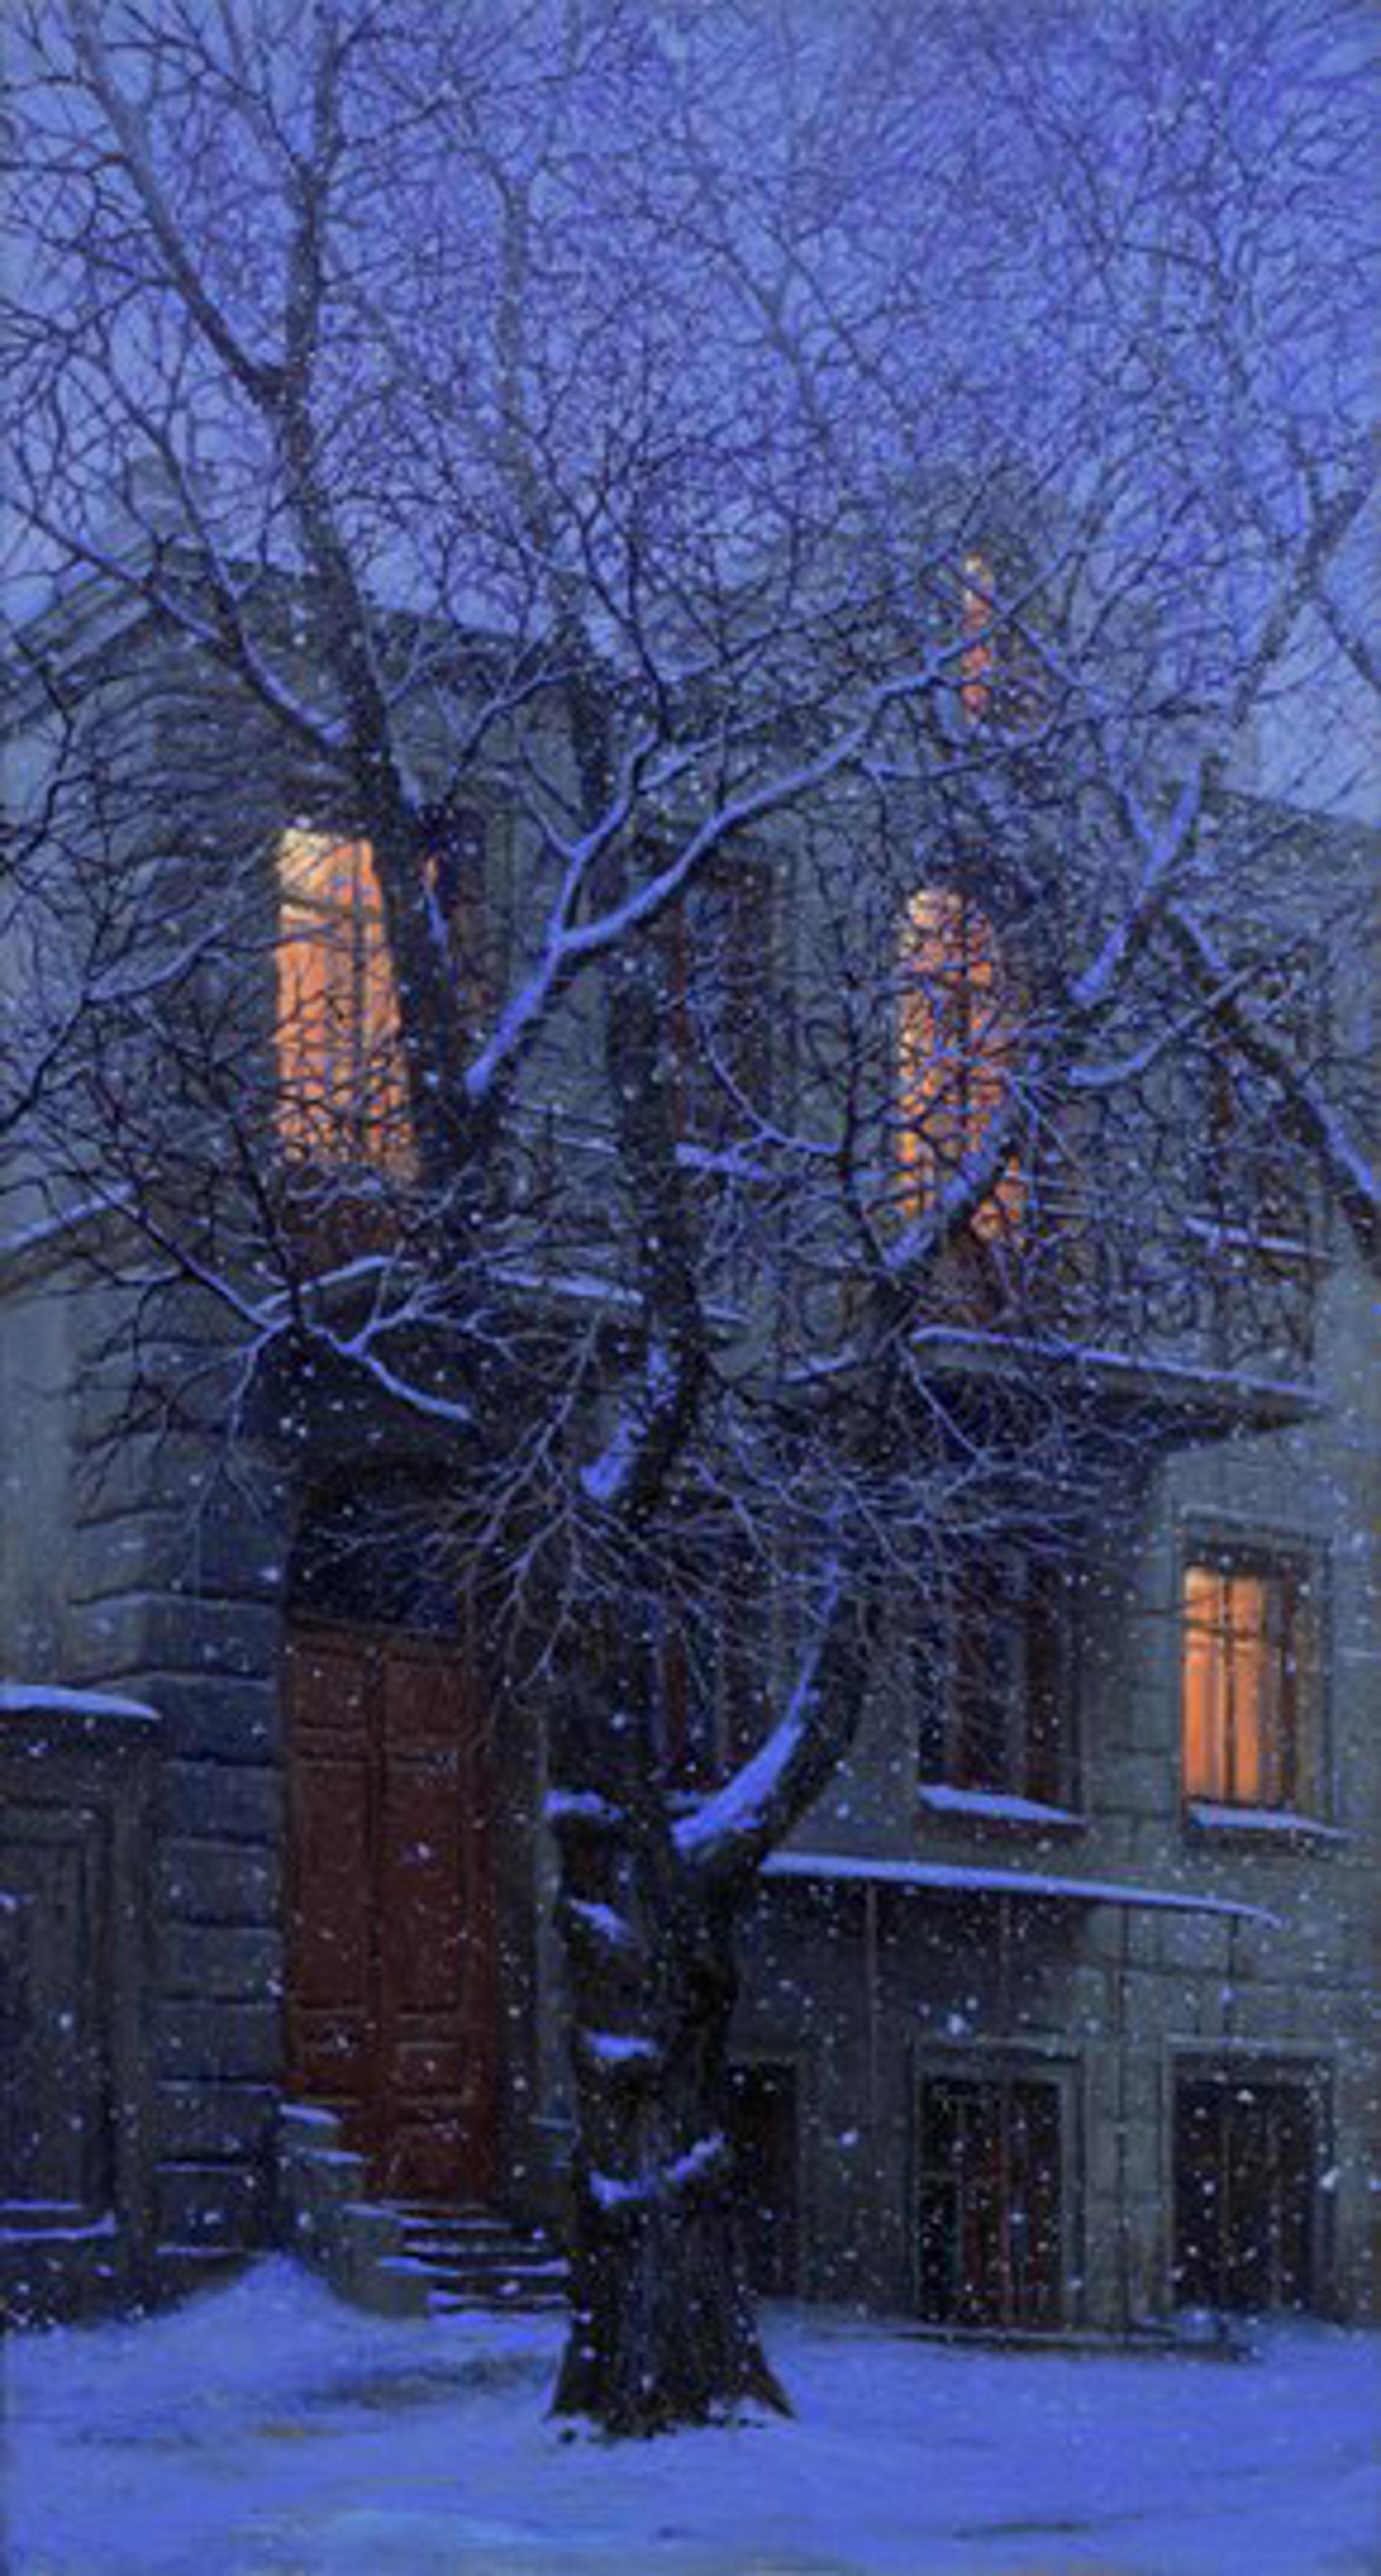 Snowy Evening by Alexei Butirskiy